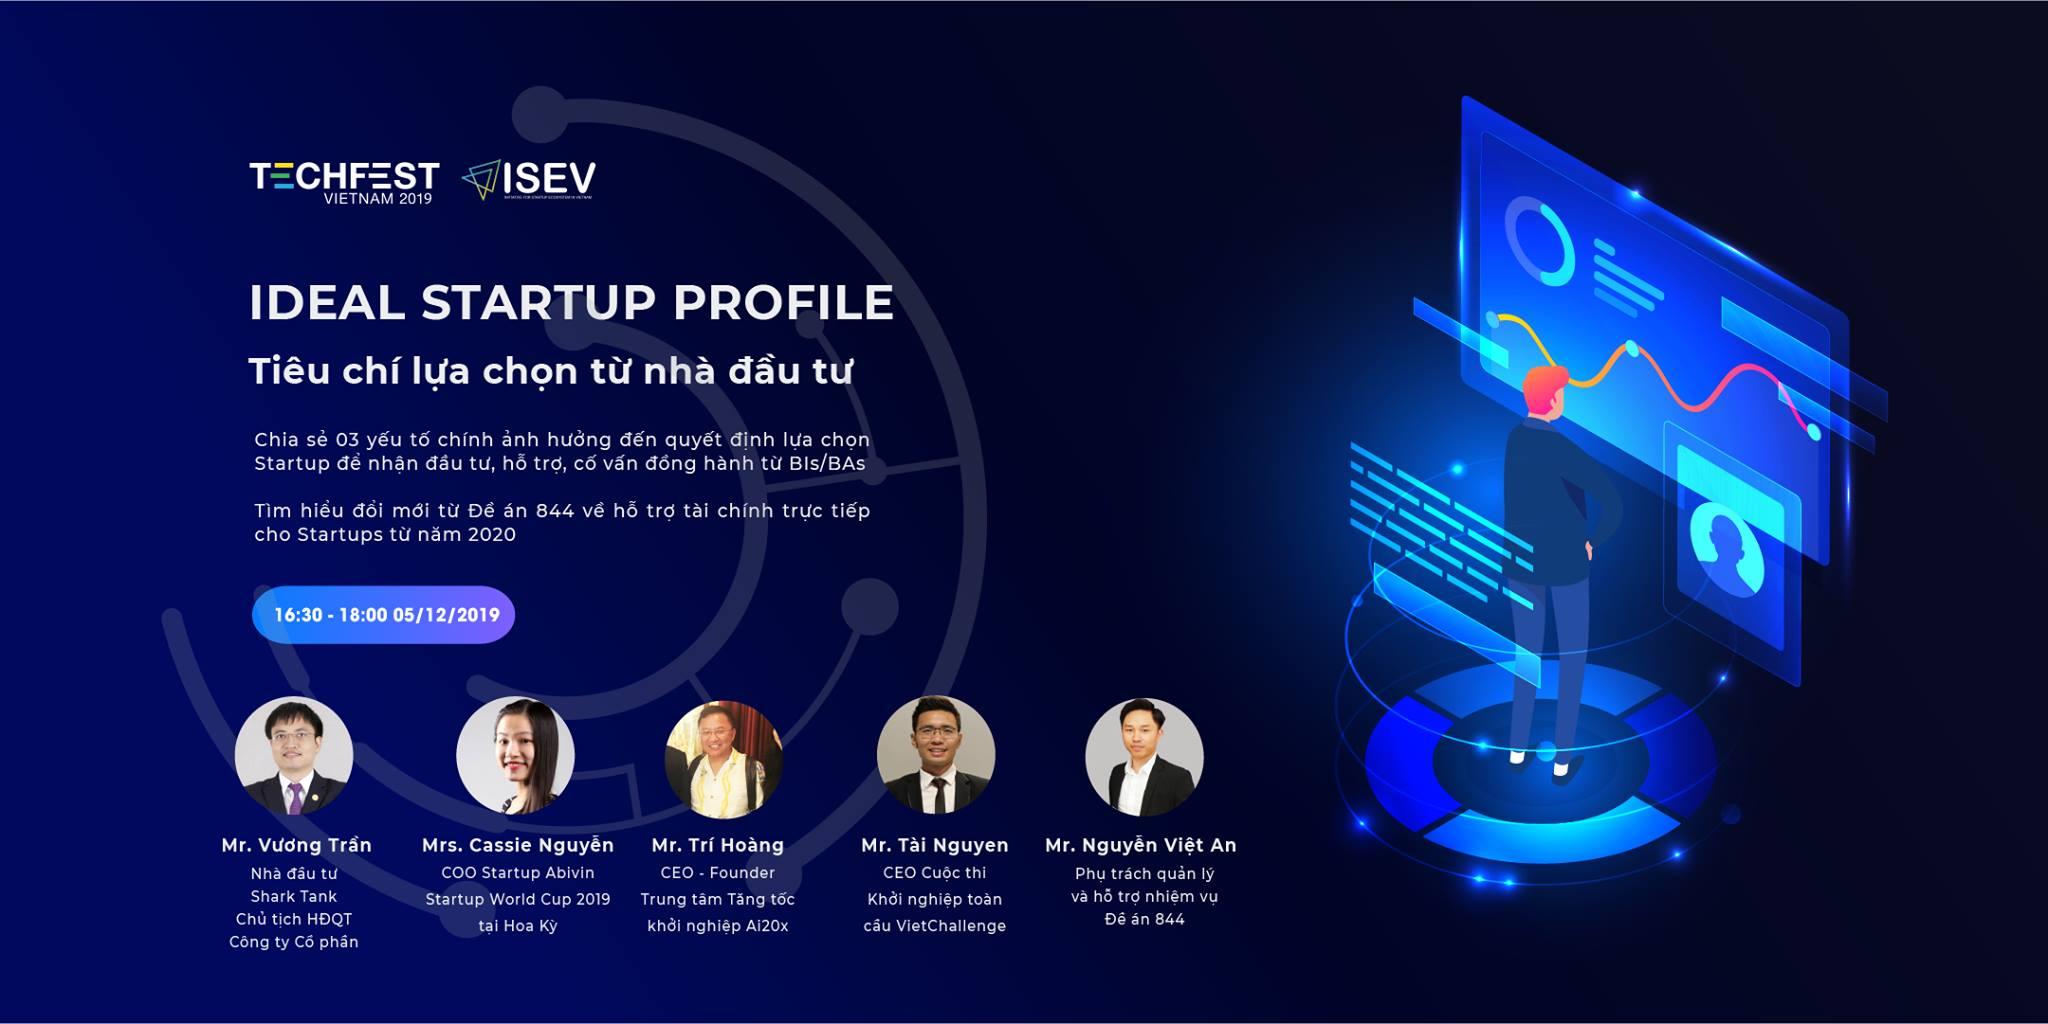 Hội thảo Tiêu chí lựa chọn từ nhà đầu tư tại Techfest 2019